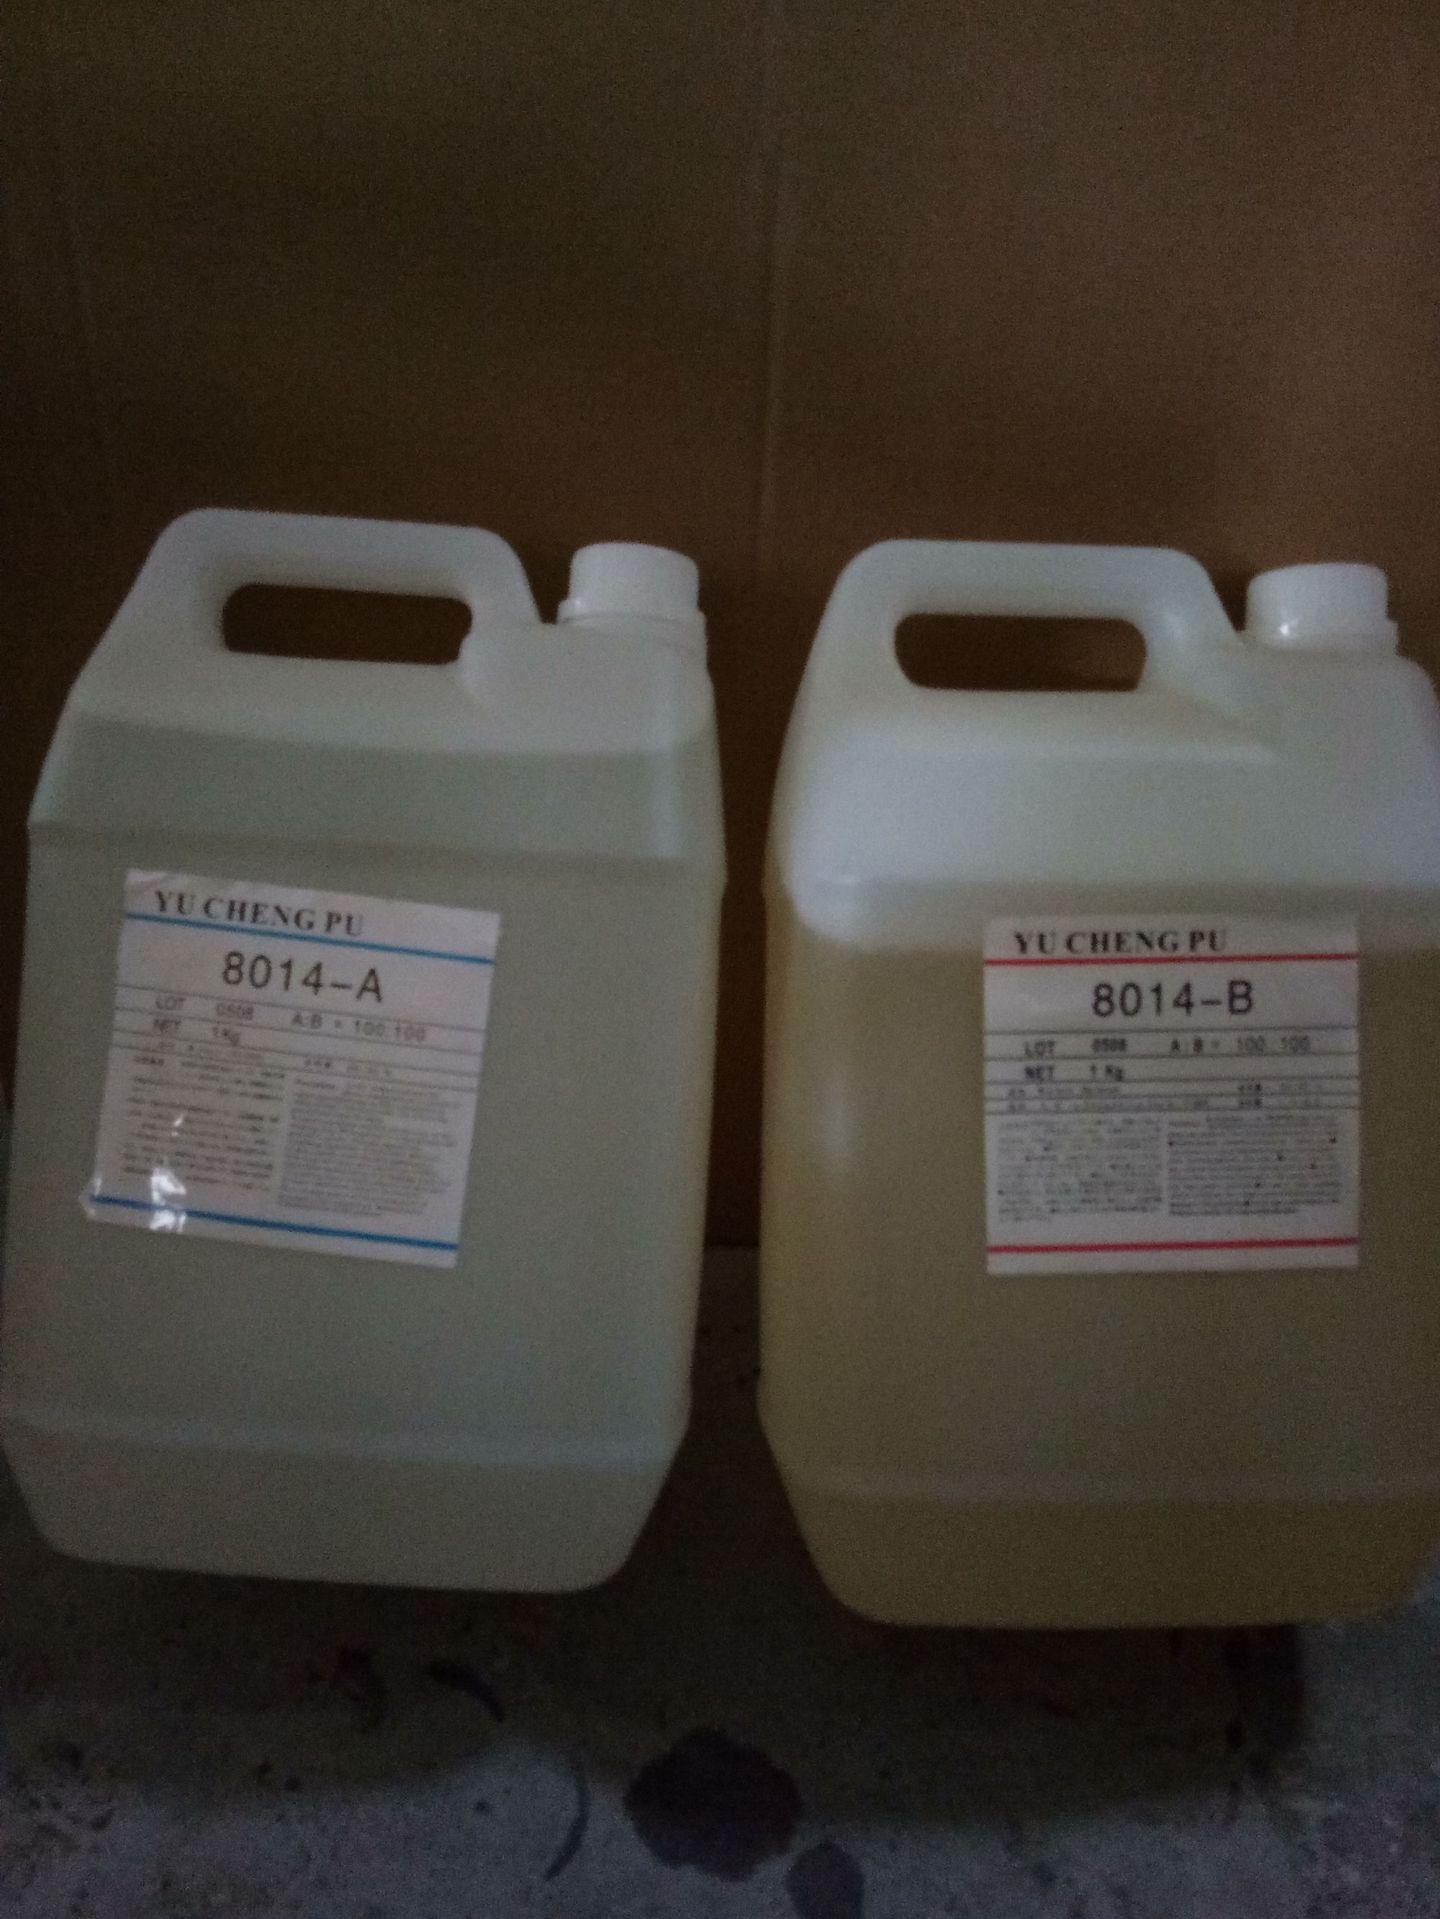 聚氨酯AB胶yc7312ab米黄色零挥发有利生产pu树脂ab胶聚氨酯胶